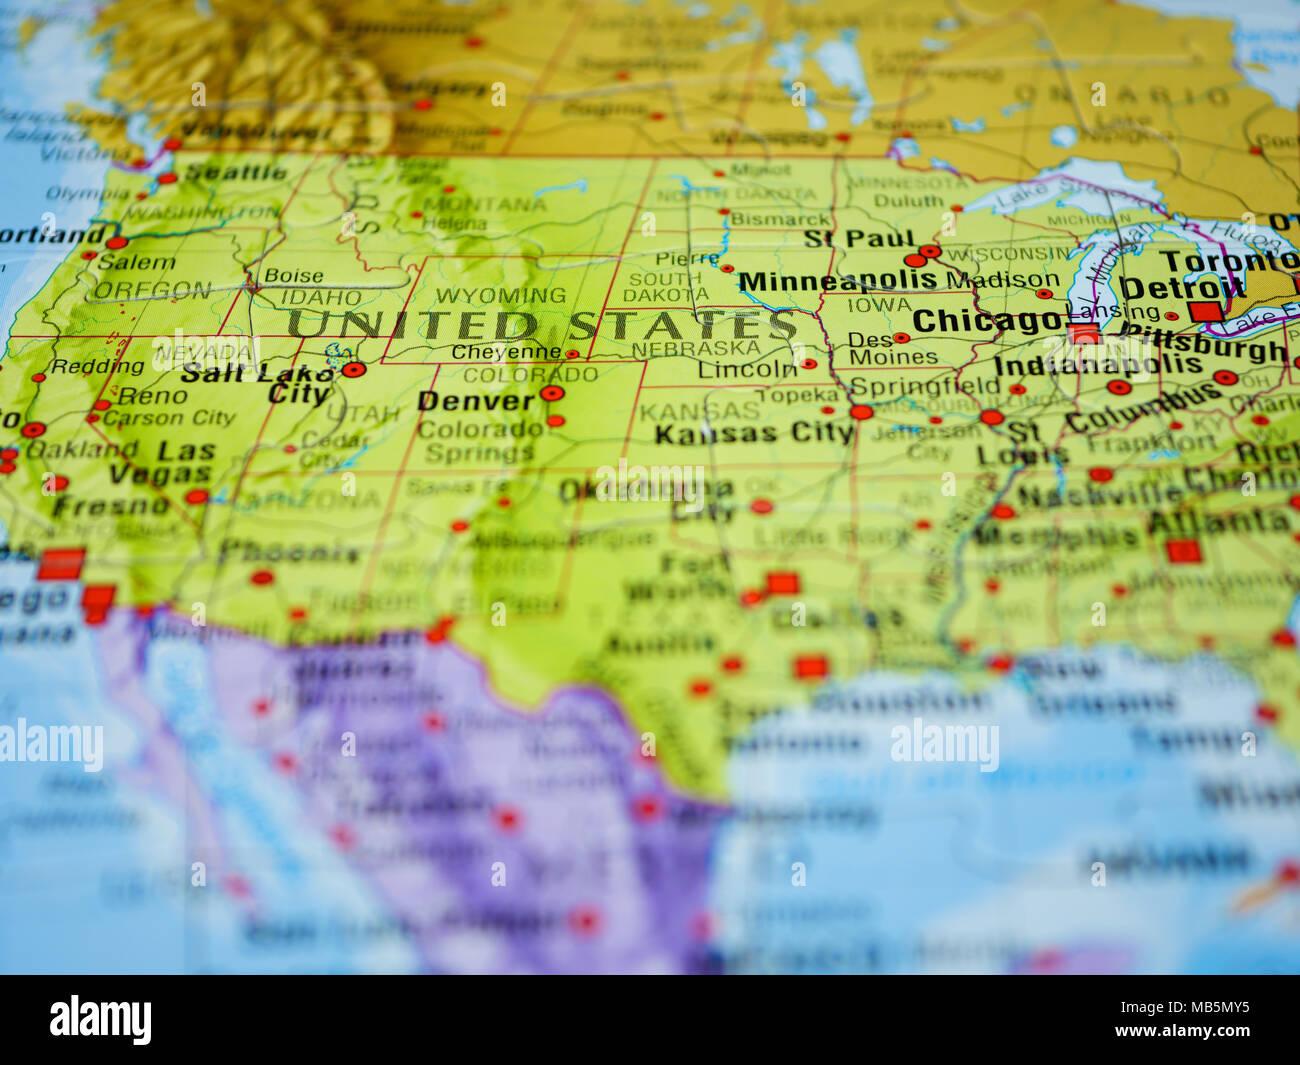 Amerika Karte Staaten.Die Vereinigten Staaten Von Amerika Auf Der Karte Stockfoto